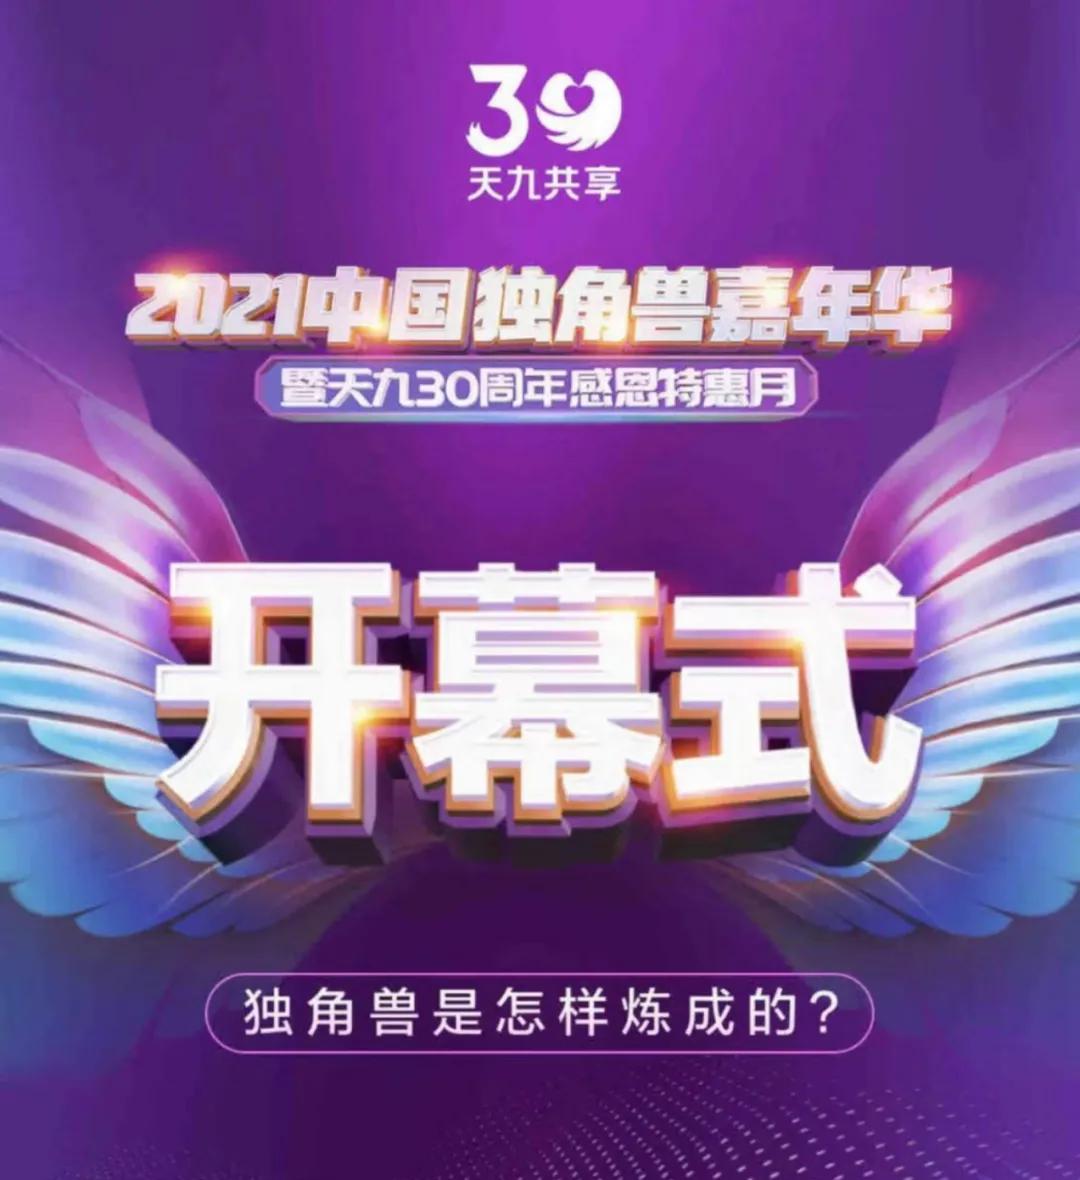 2021中国独角兽嘉年华:为疫后经济增长按下加速键